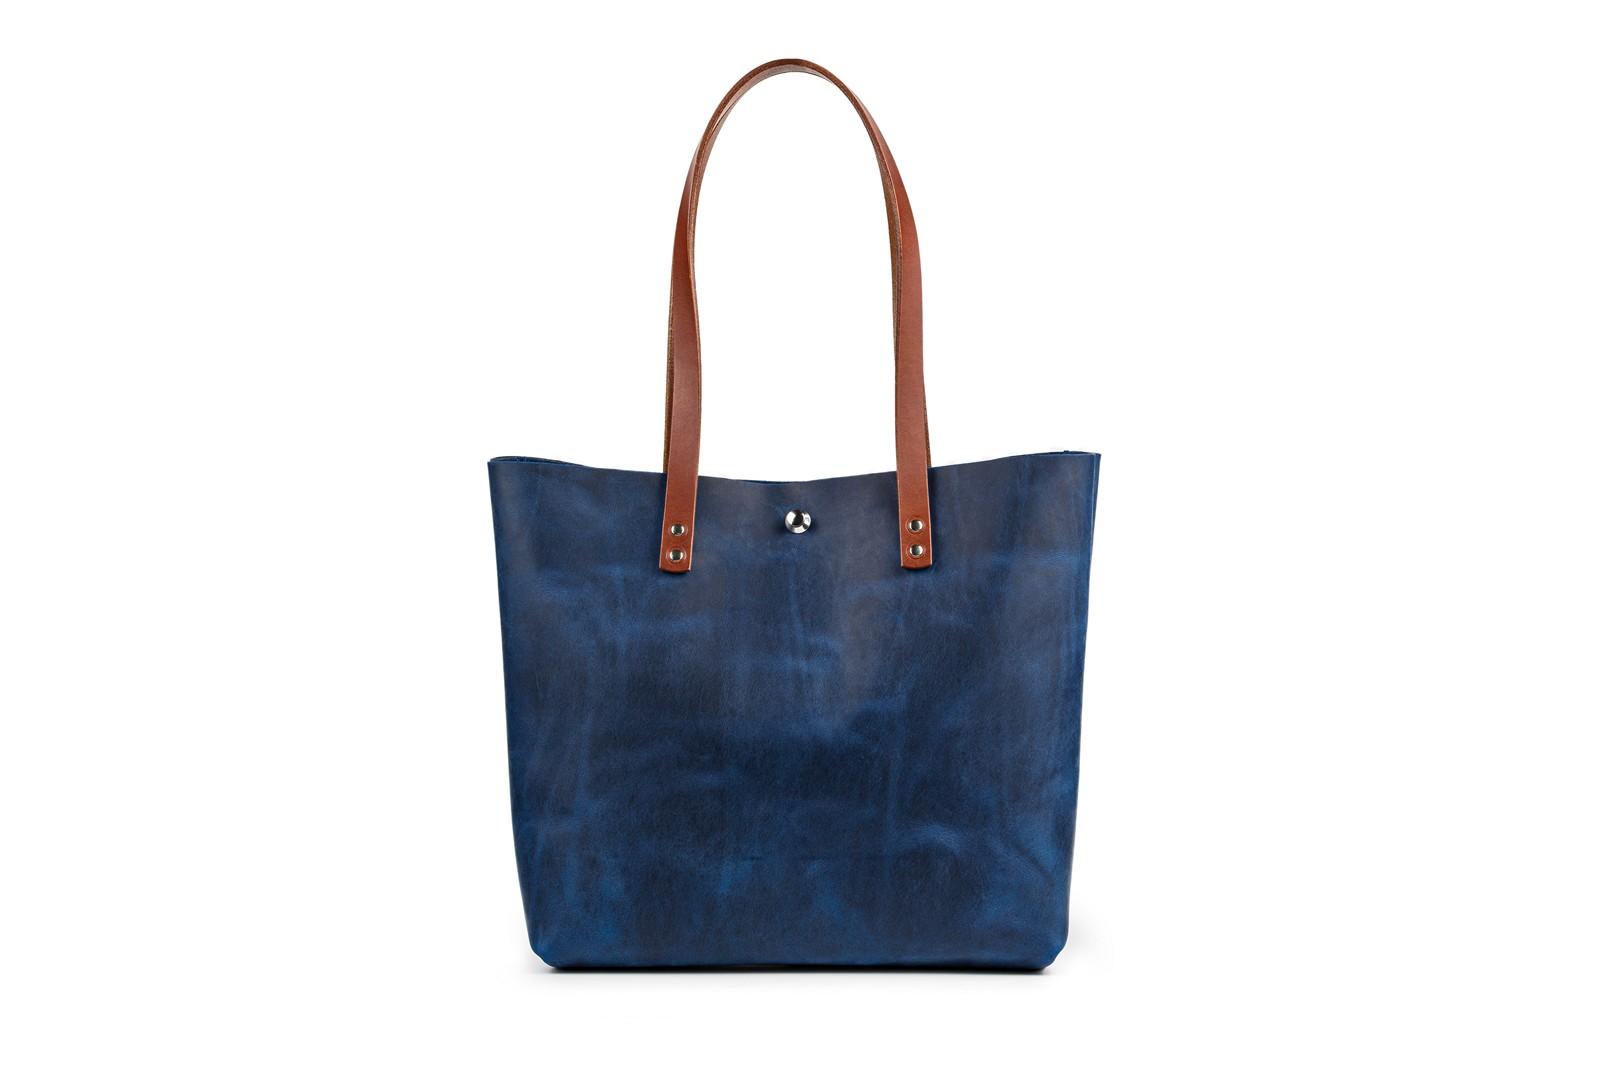 Kabelka shopper bag, česká ruční výroba z vysoce kvalitních italských usní